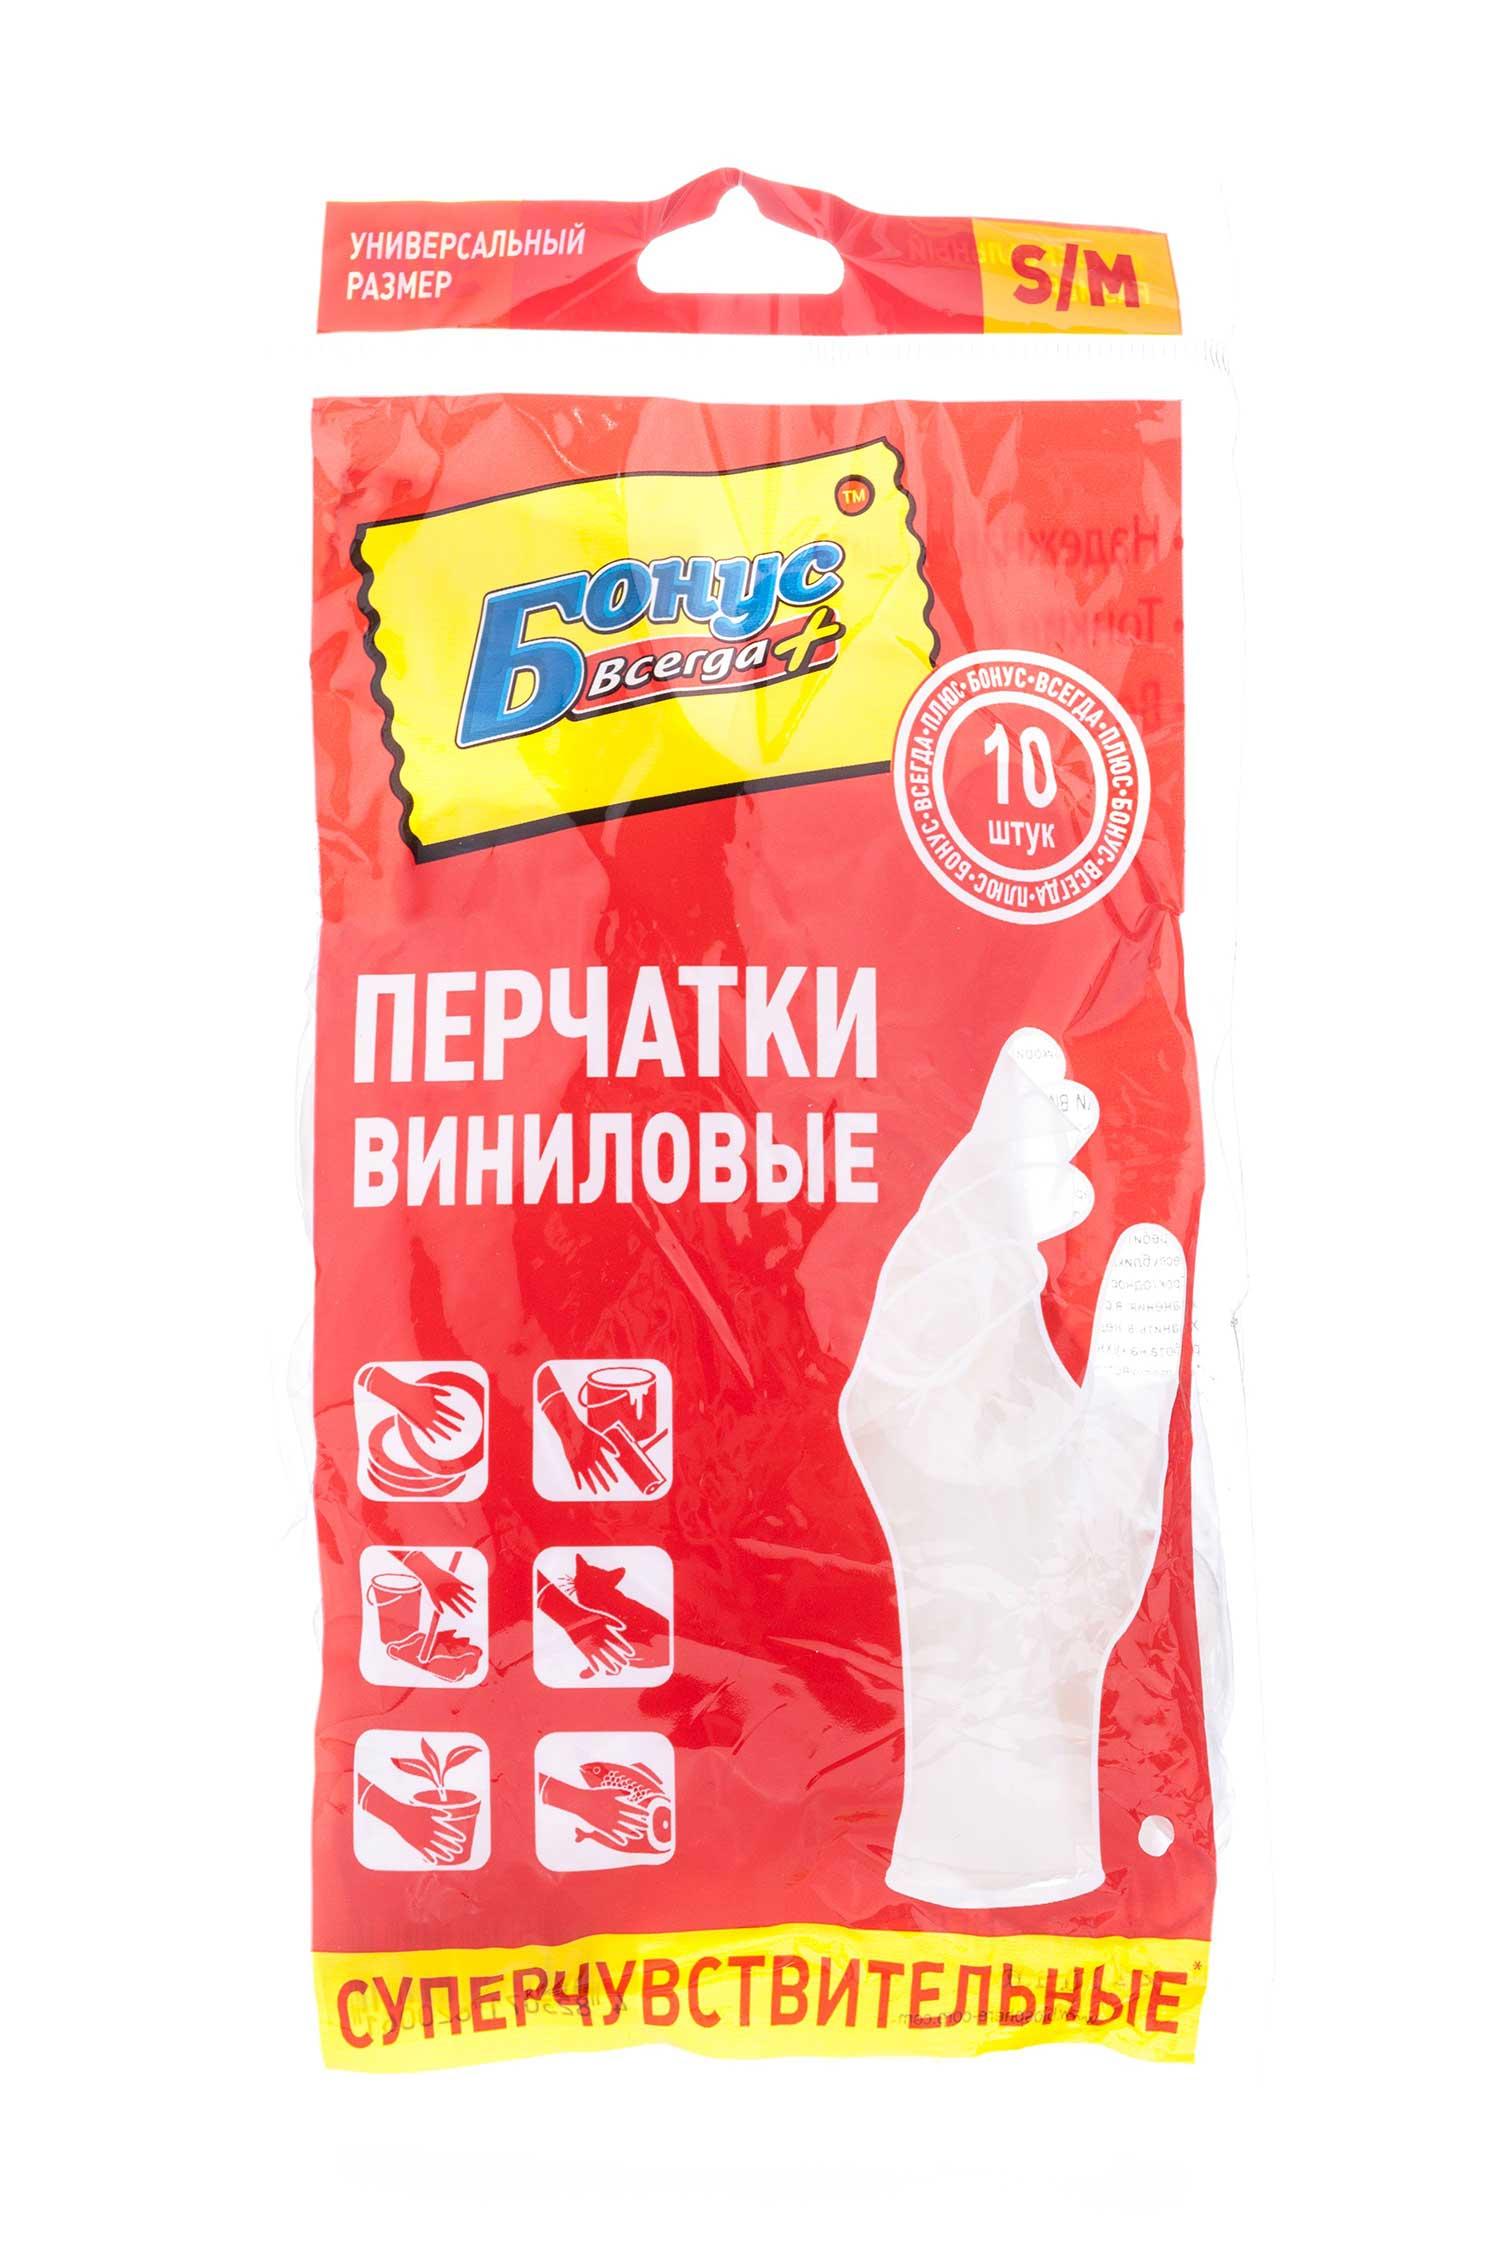 БОНУС / Рукавички Бонус універсальні вінілові бiлi, 10 шт